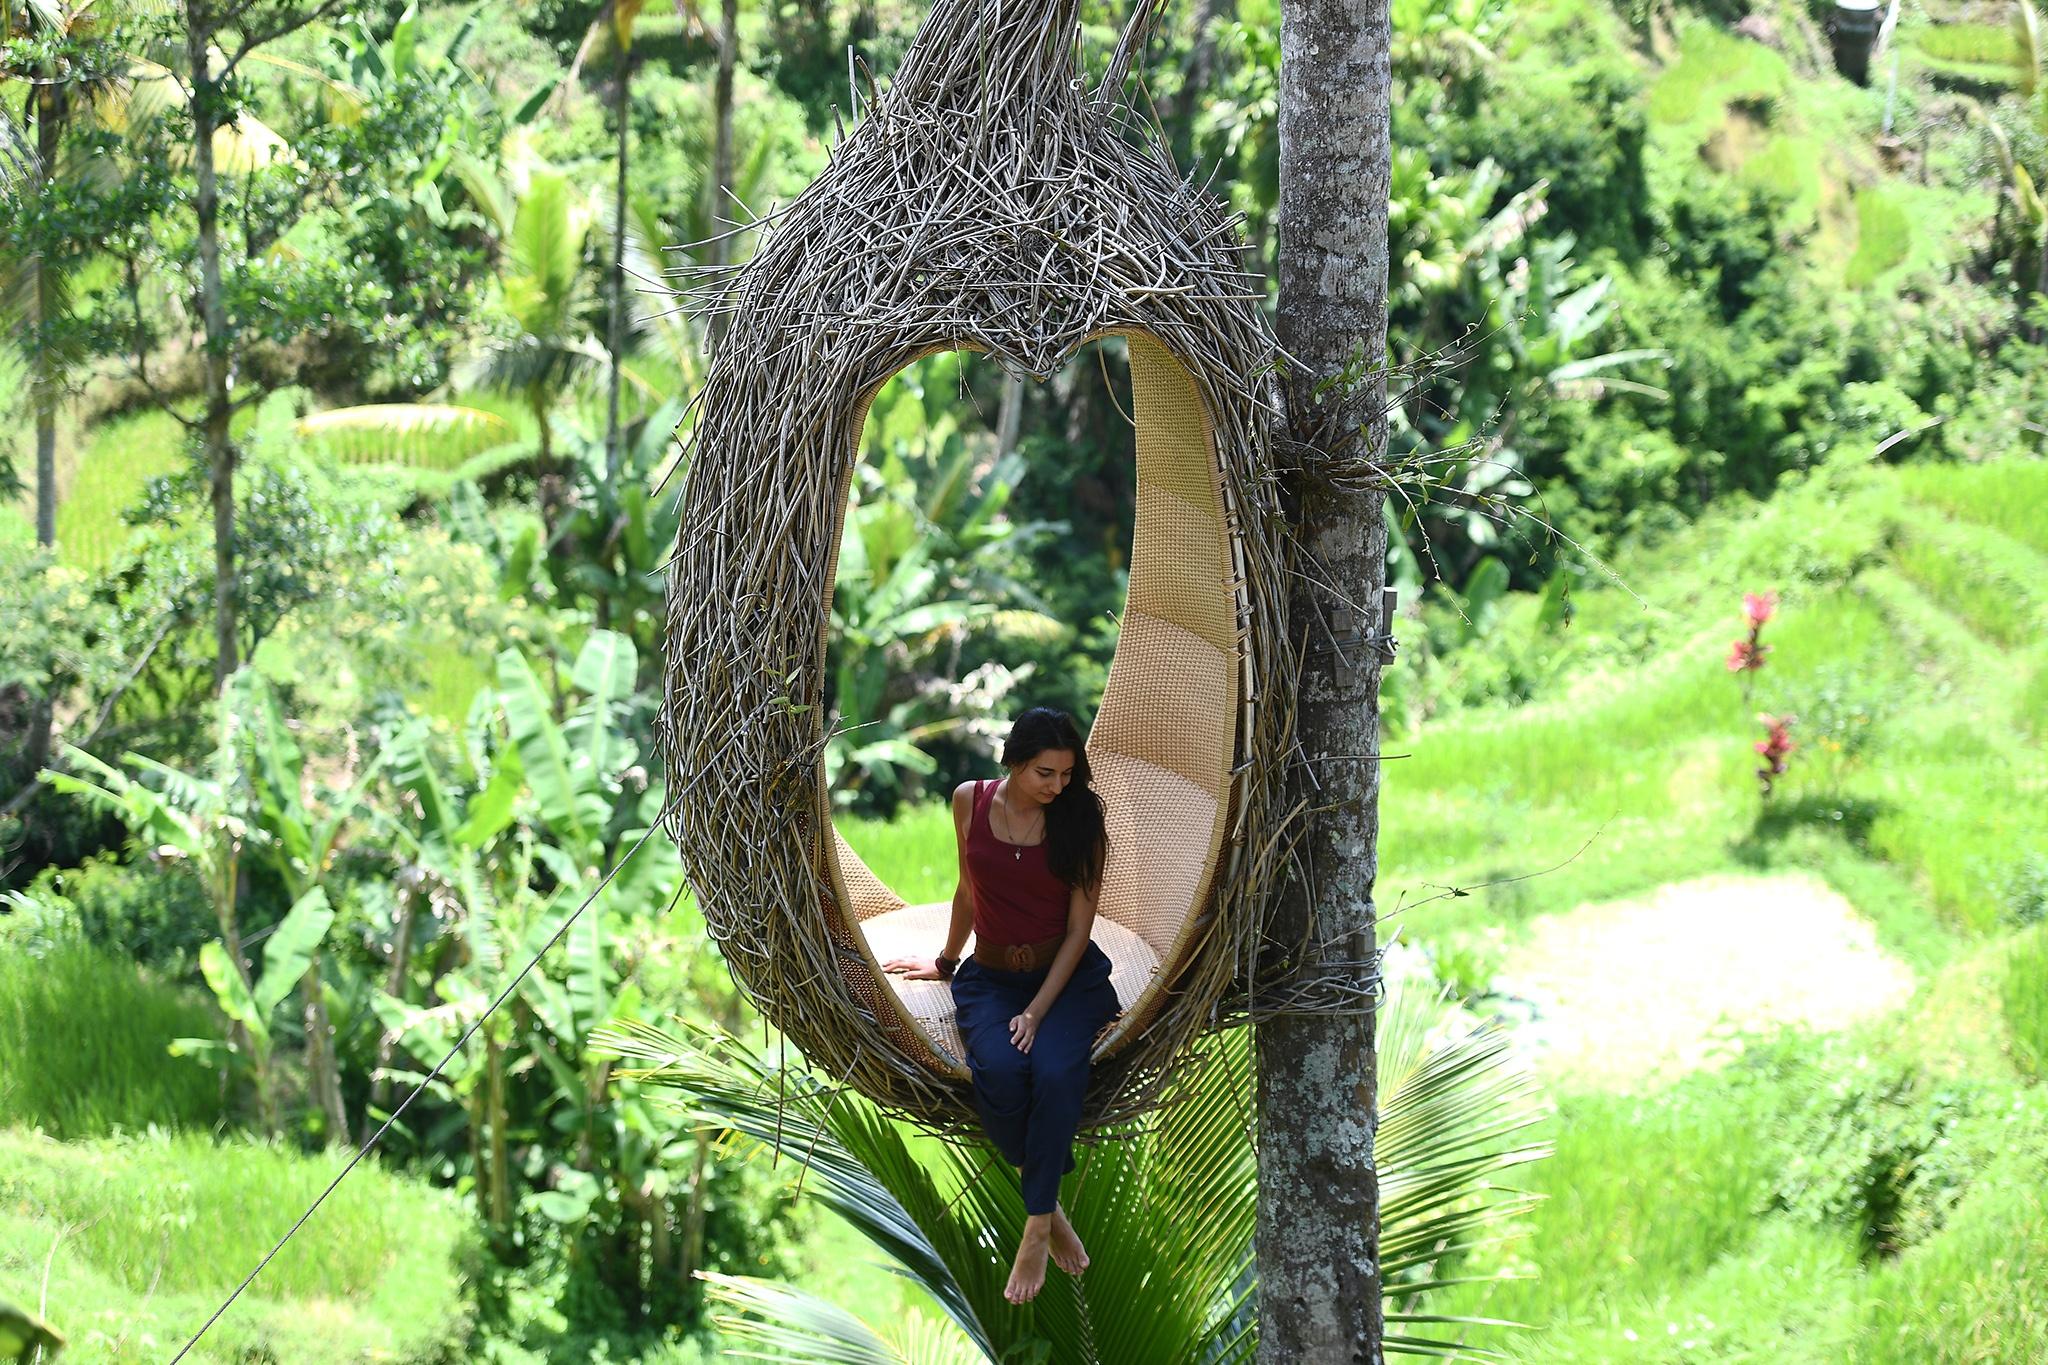 Nhung ngay duoi bat mat troi lan o Bali hinh anh 31